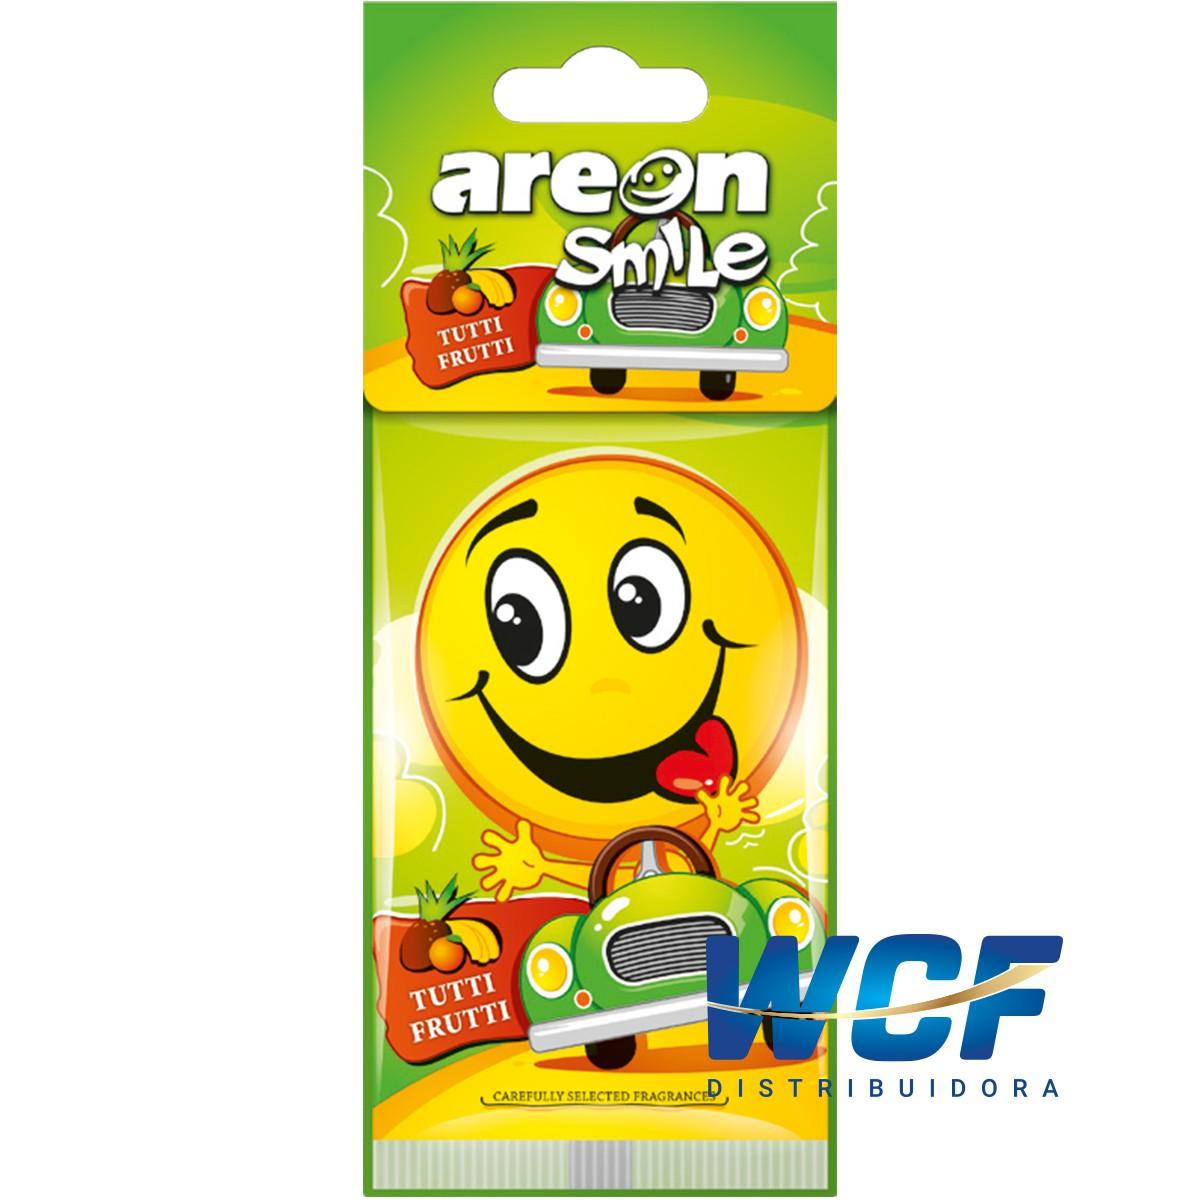 AREON MON SMILE SECO TUTTI FRUTTI